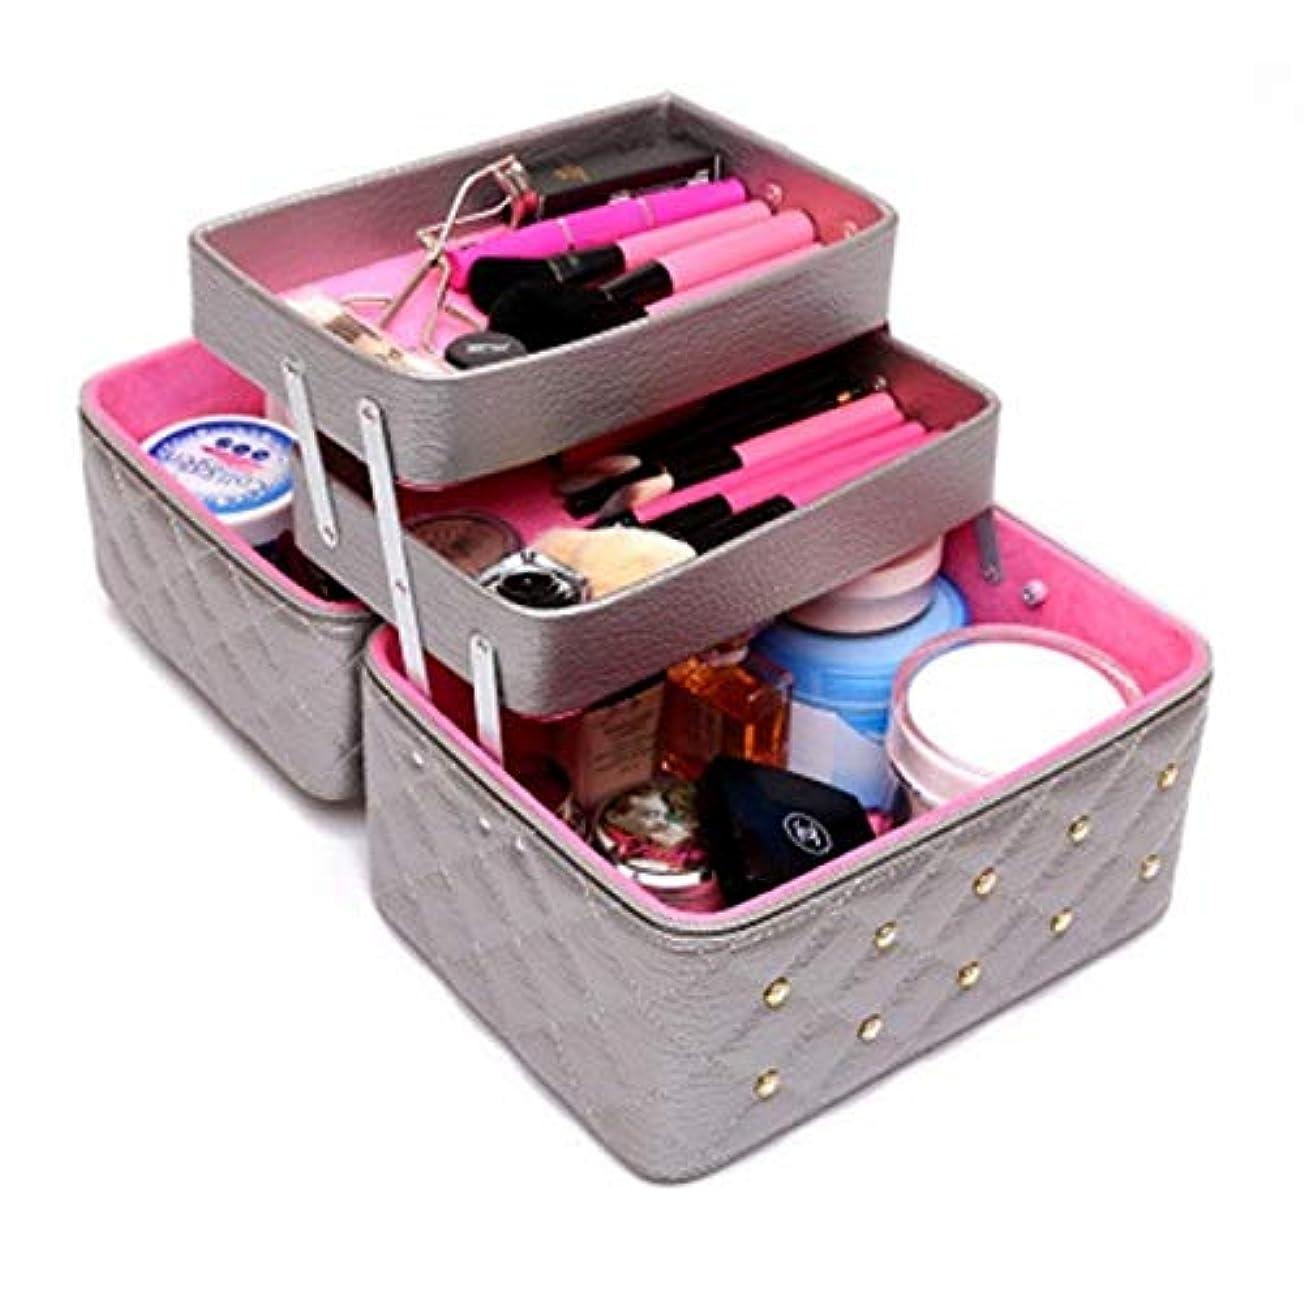 共同選択エミュレートする思いやり持ち運びできる メイクボックス 大容量 取っ手付き コスメボックス 化粧品収納ボックス 収納ケース 小物入れ (ライトグレー)